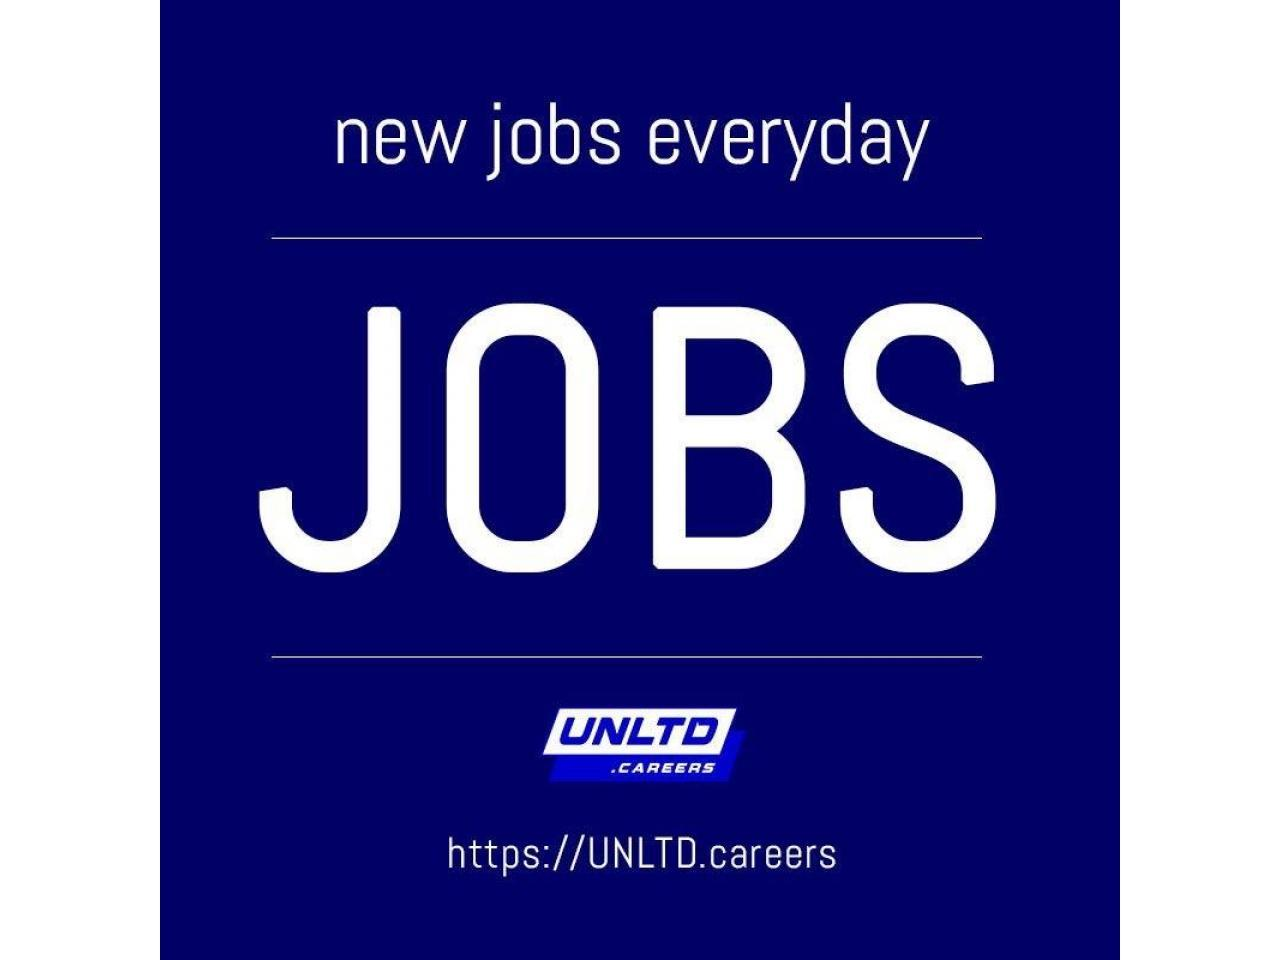 Требуются работники в разных сферах в Лондоне, зарплата до 2400 ф в месяц - 1